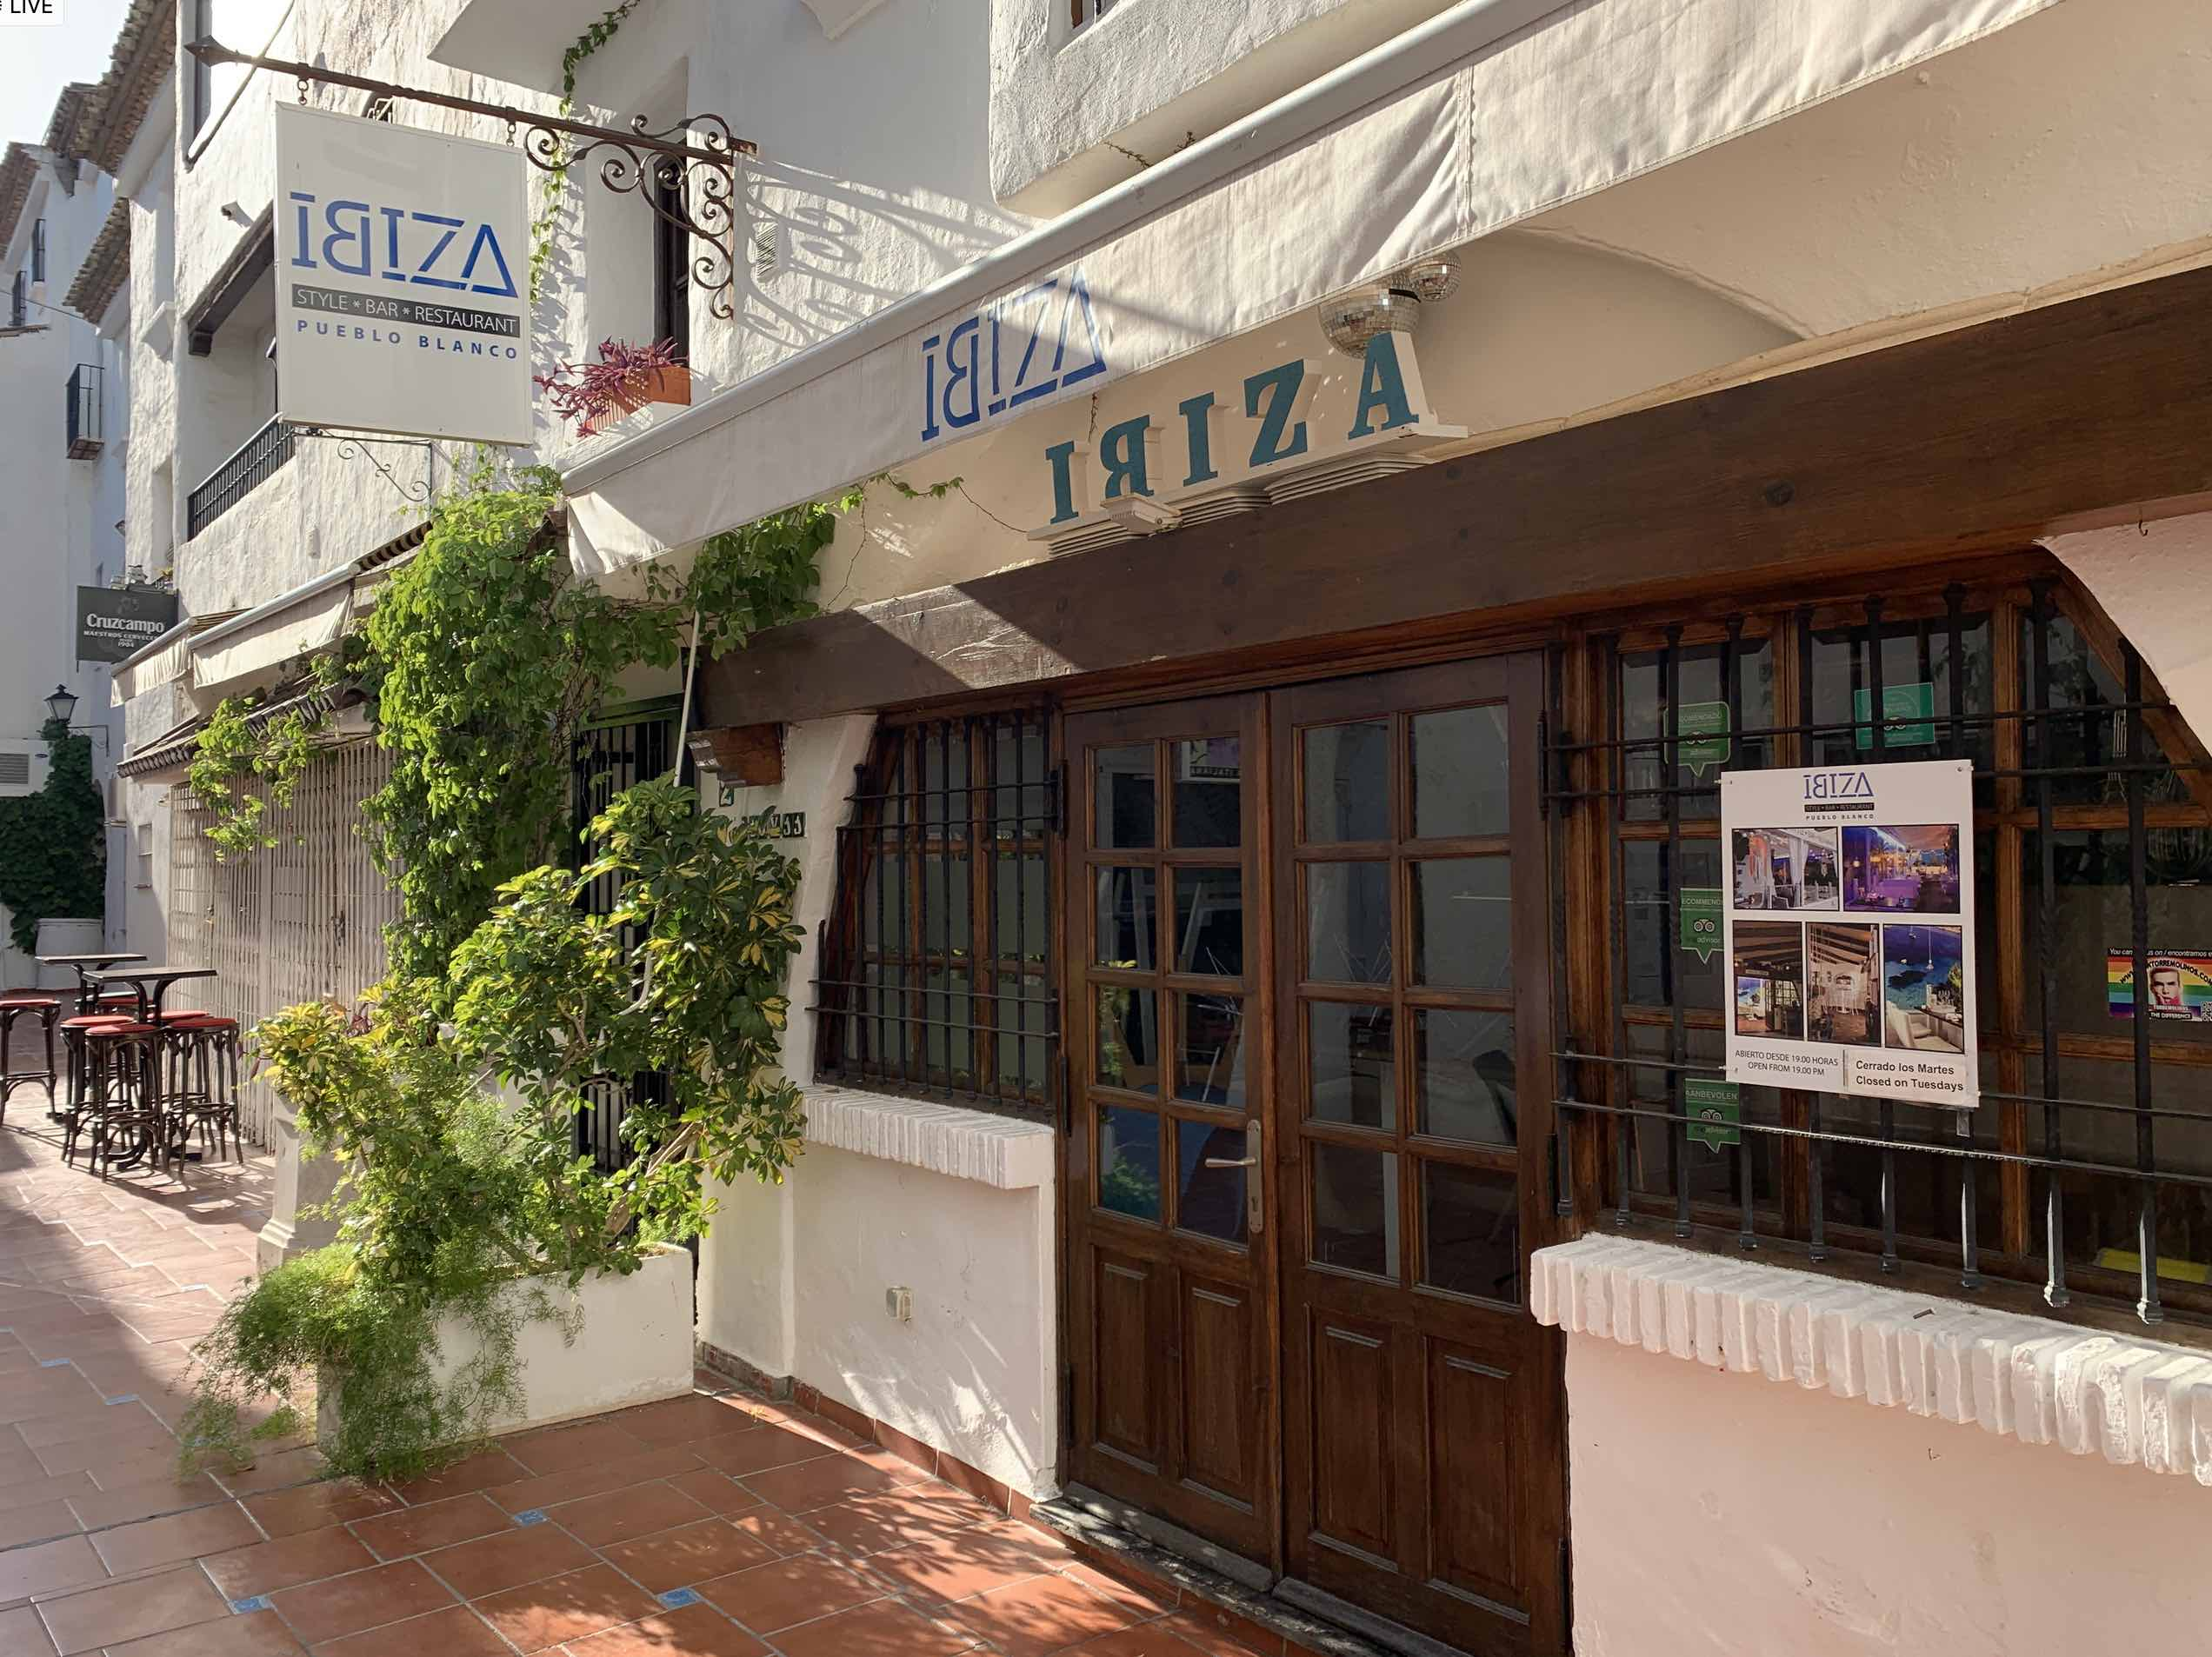 ibiza bar style restaurant